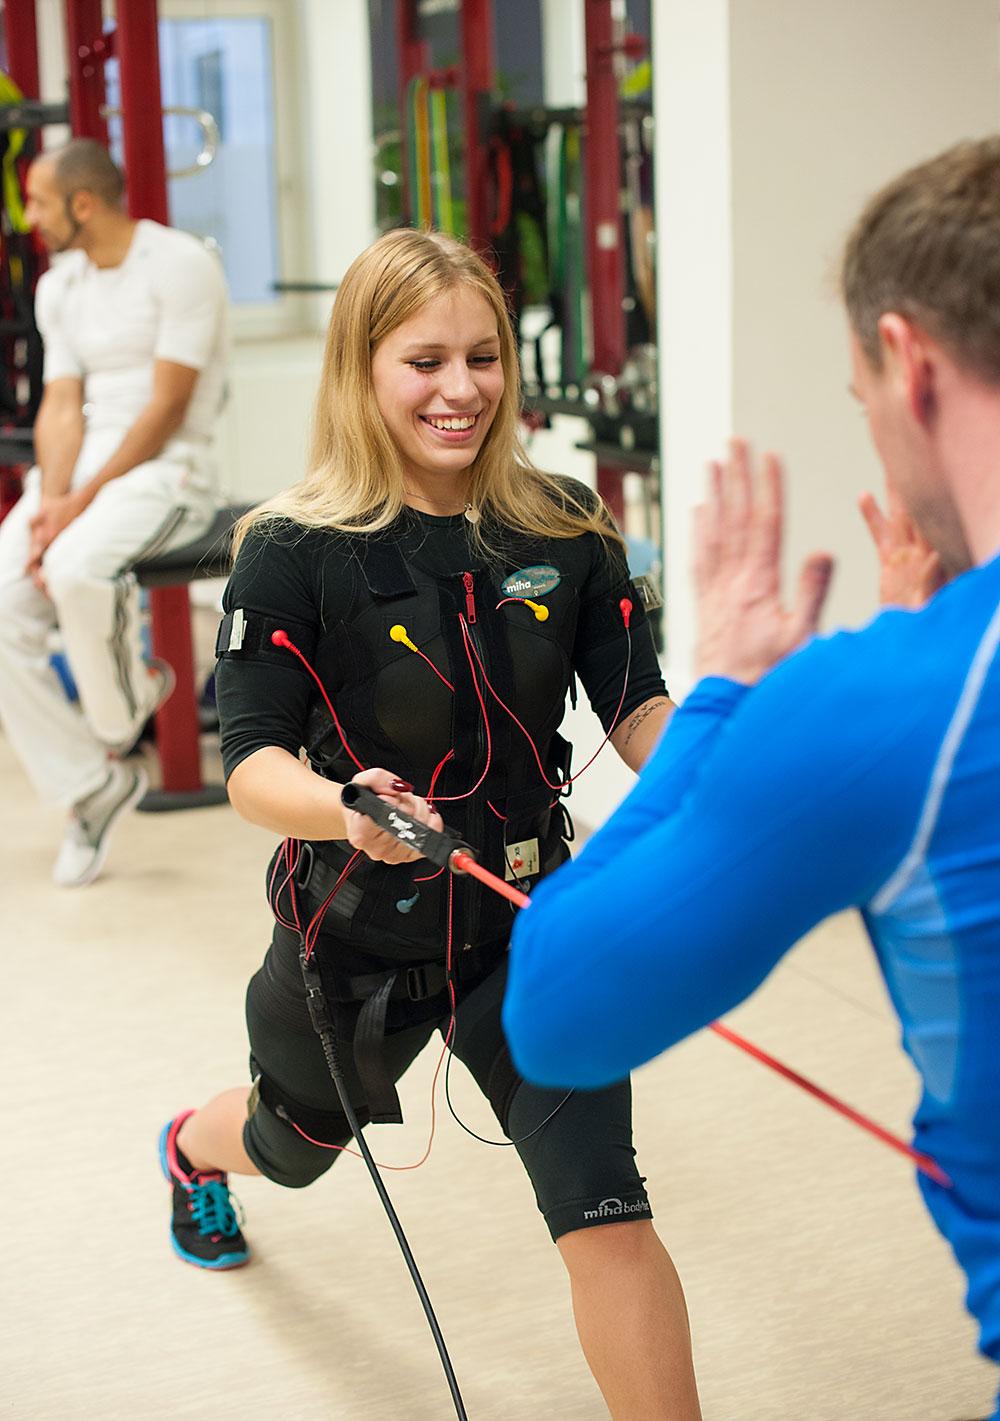 Gesundheitstag-EMS-Training-01